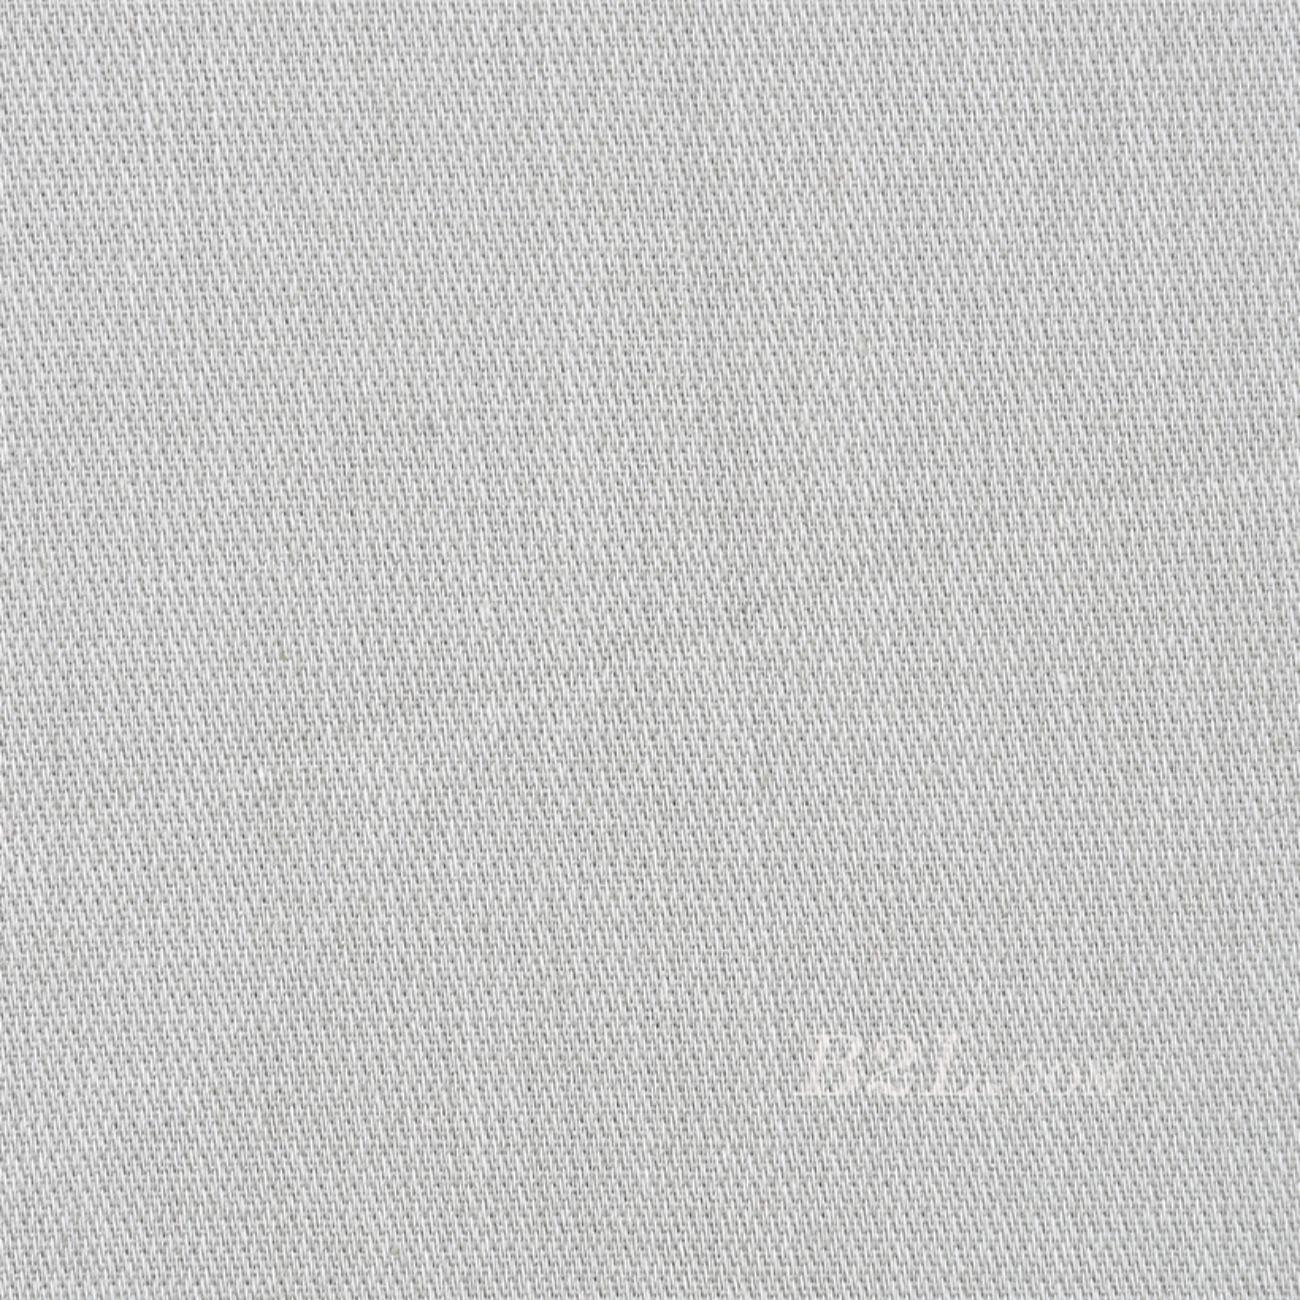 素色 梭织 染色 纬弹 连衣裙 衬衫 柔软 细腻 女装 春夏 71116-1